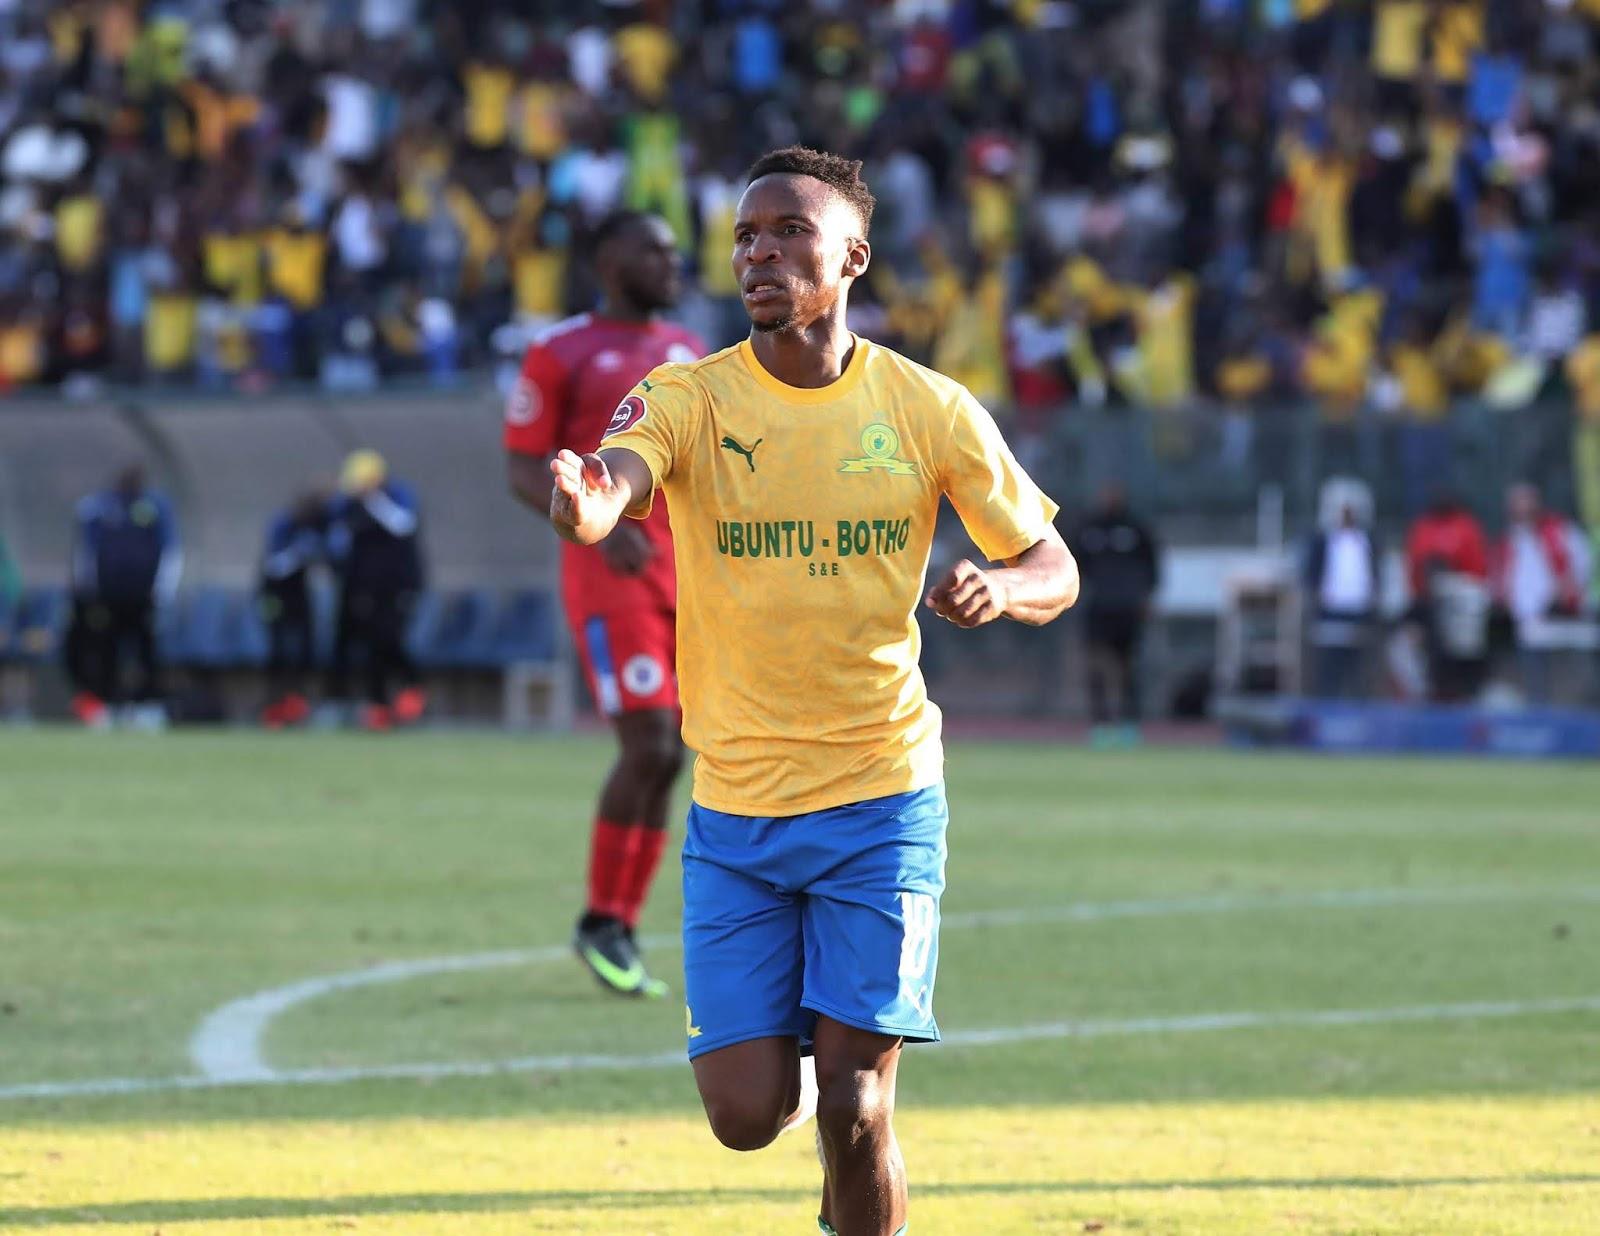 Mamelodi Sundowns midfielder Themba Zwane